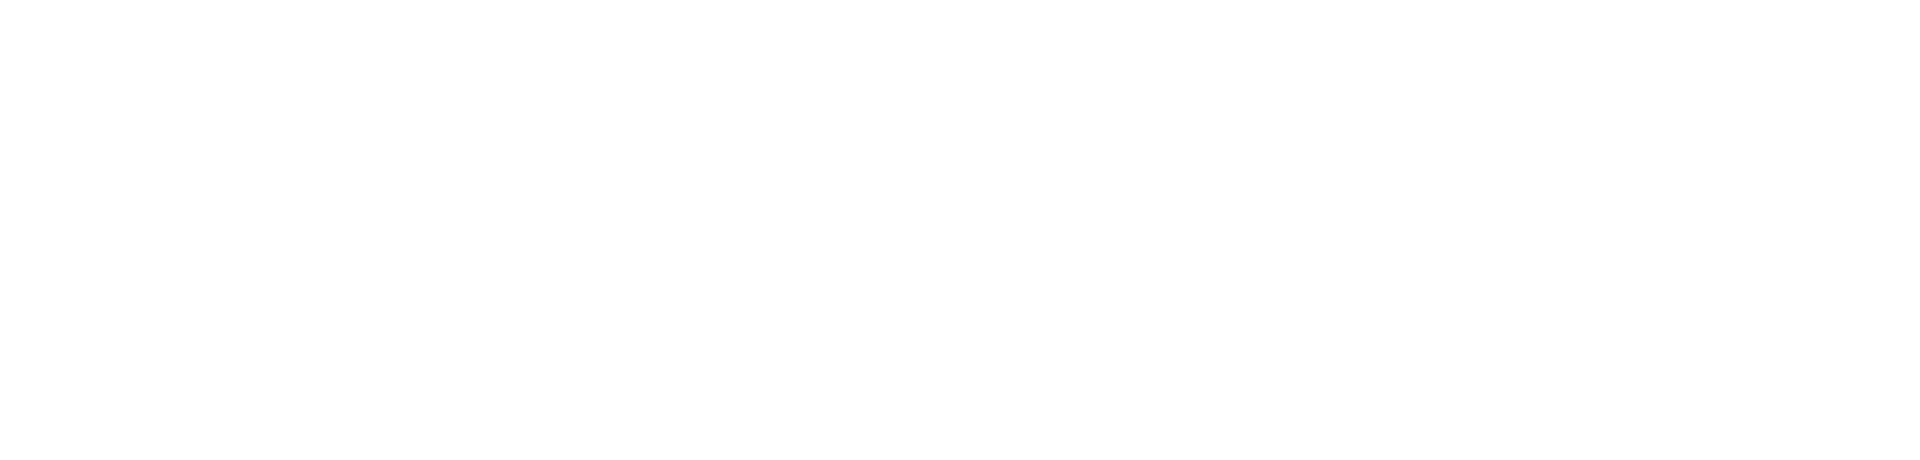 white-curve